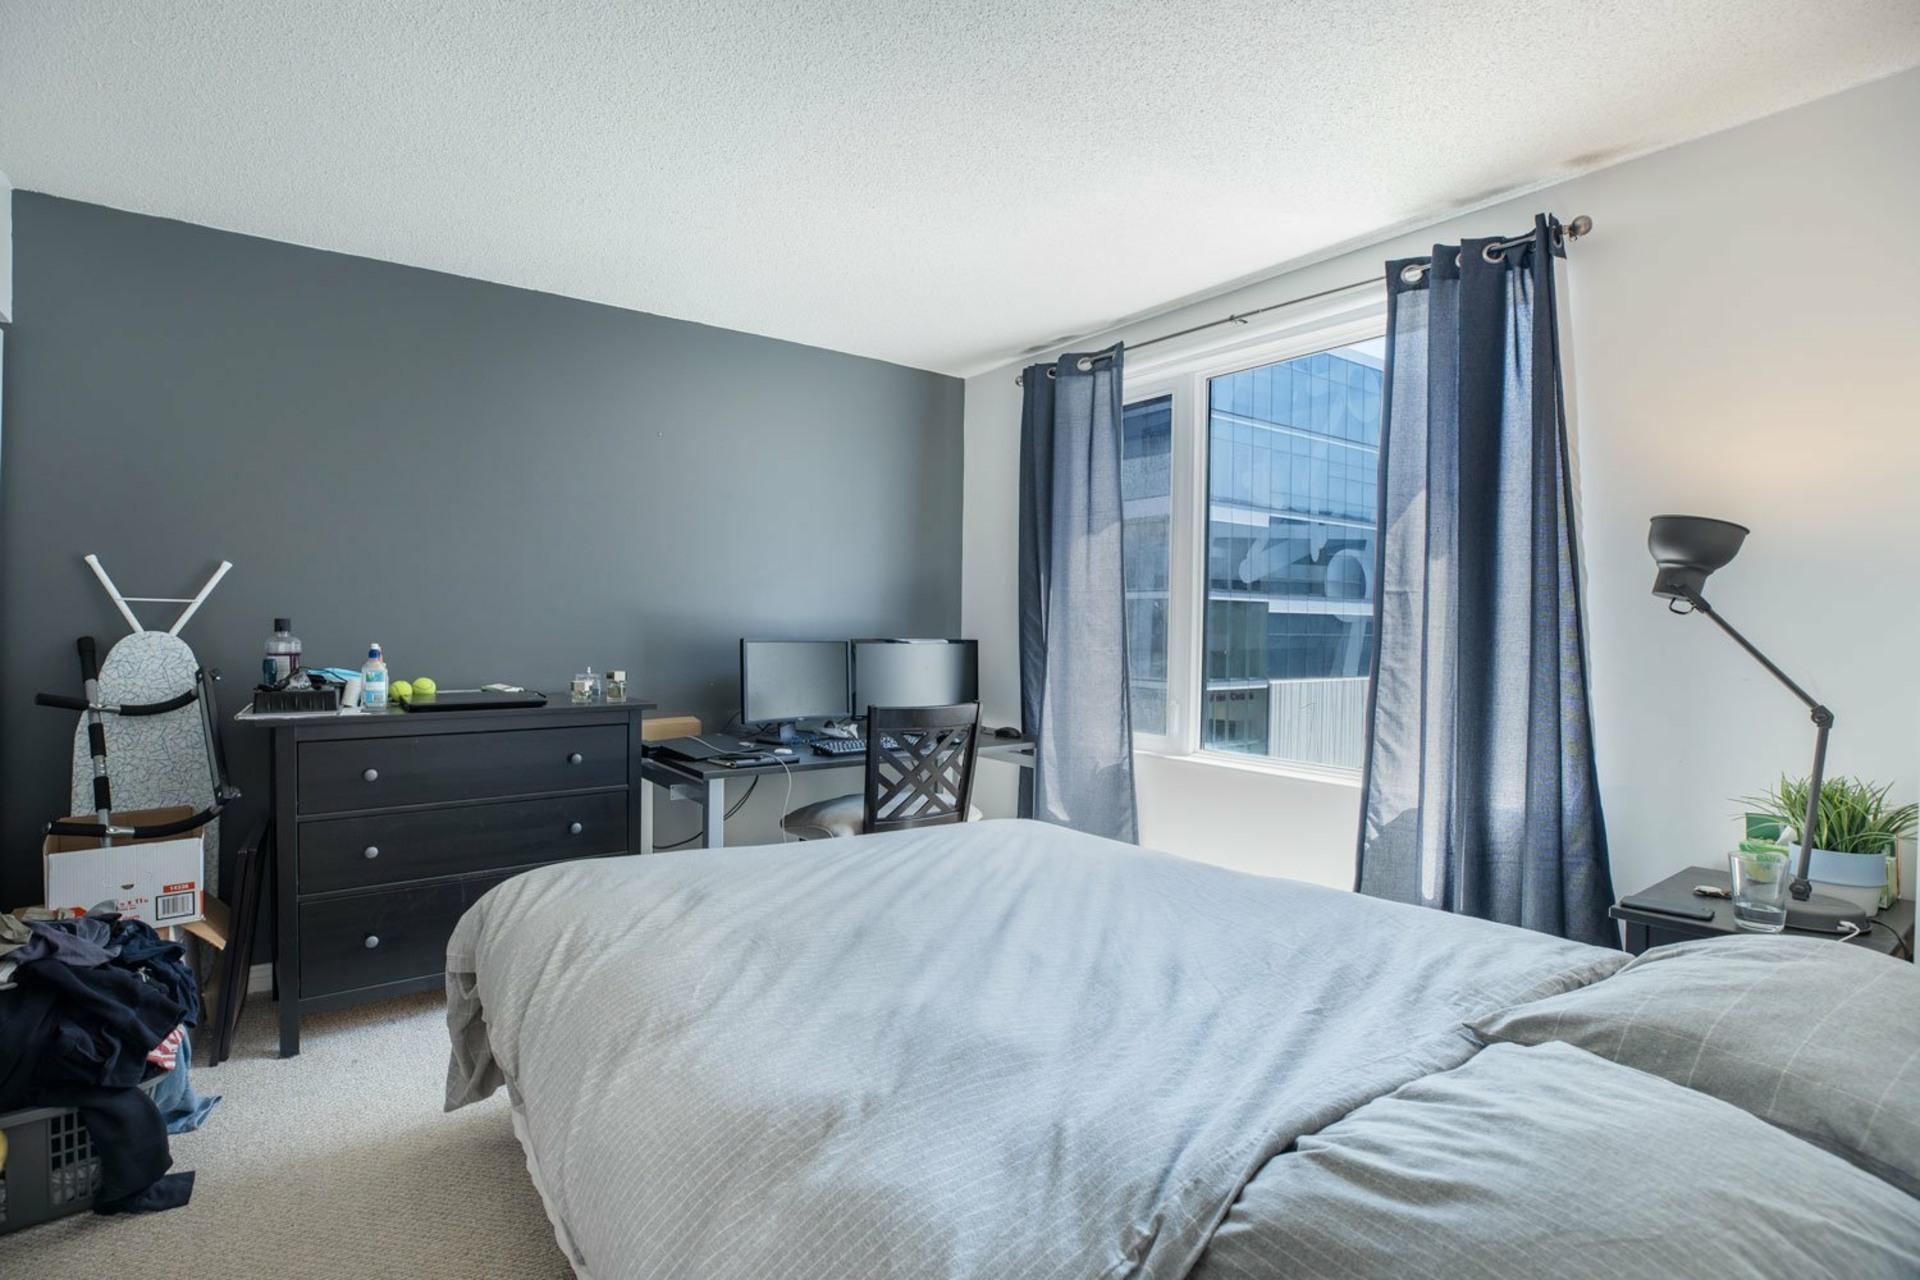 image 5 - Appartement À vendre Ville-Marie Montréal  - 4 pièces